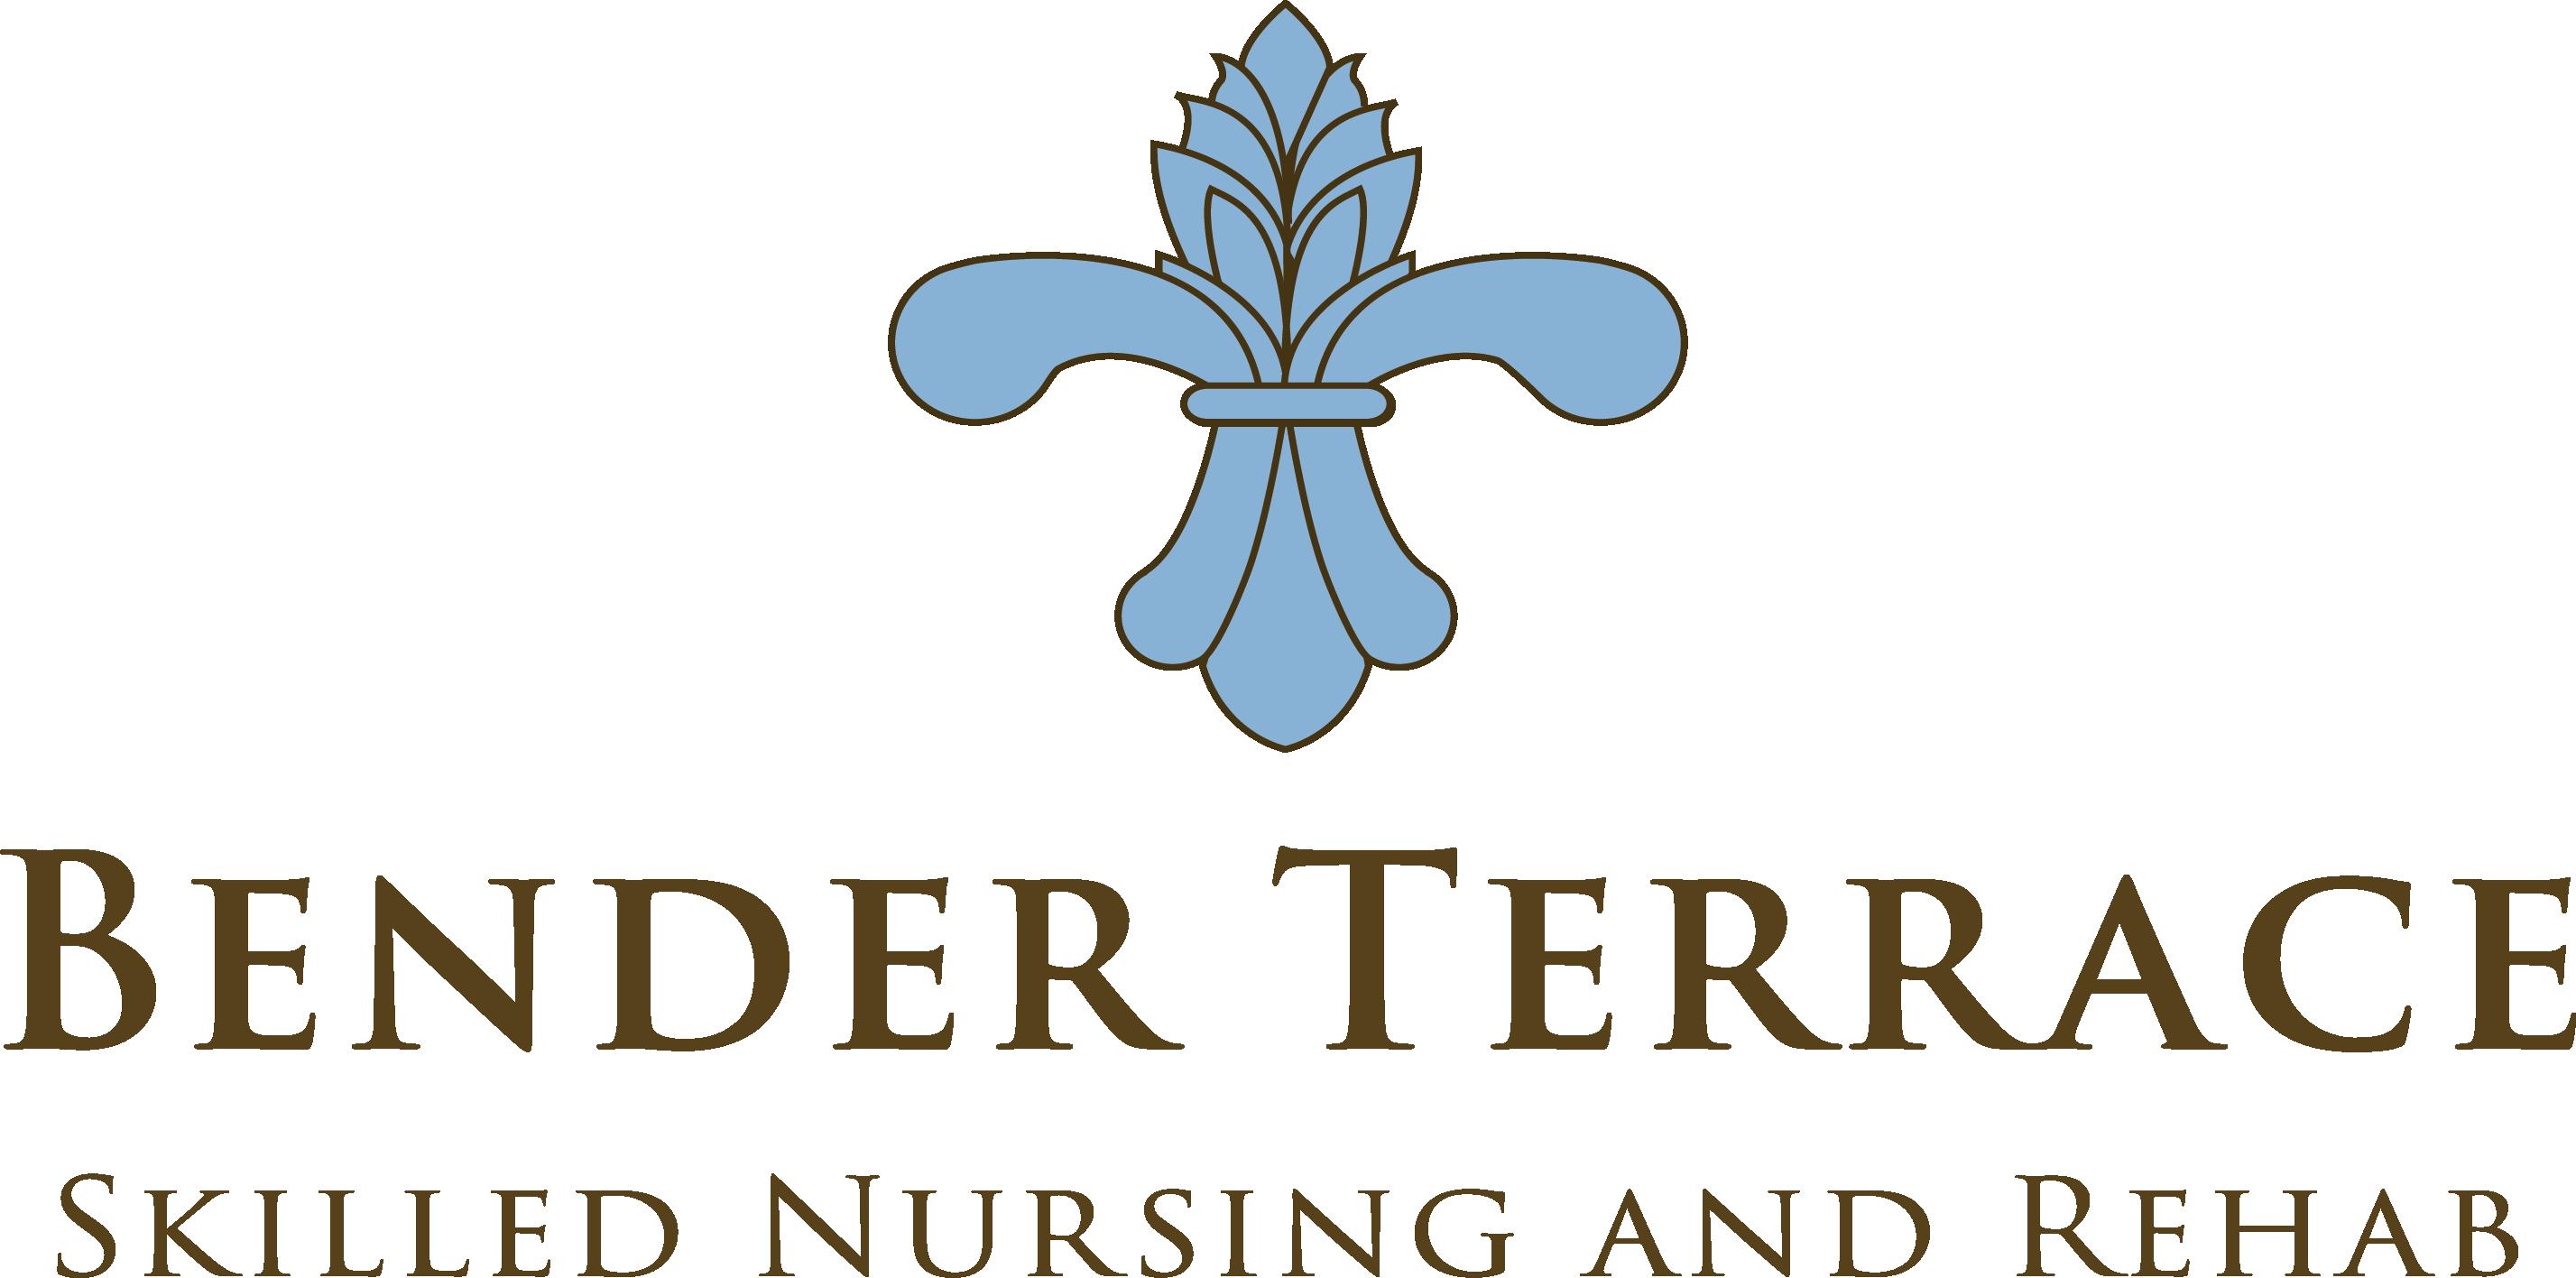 BenderTerrace_Centered